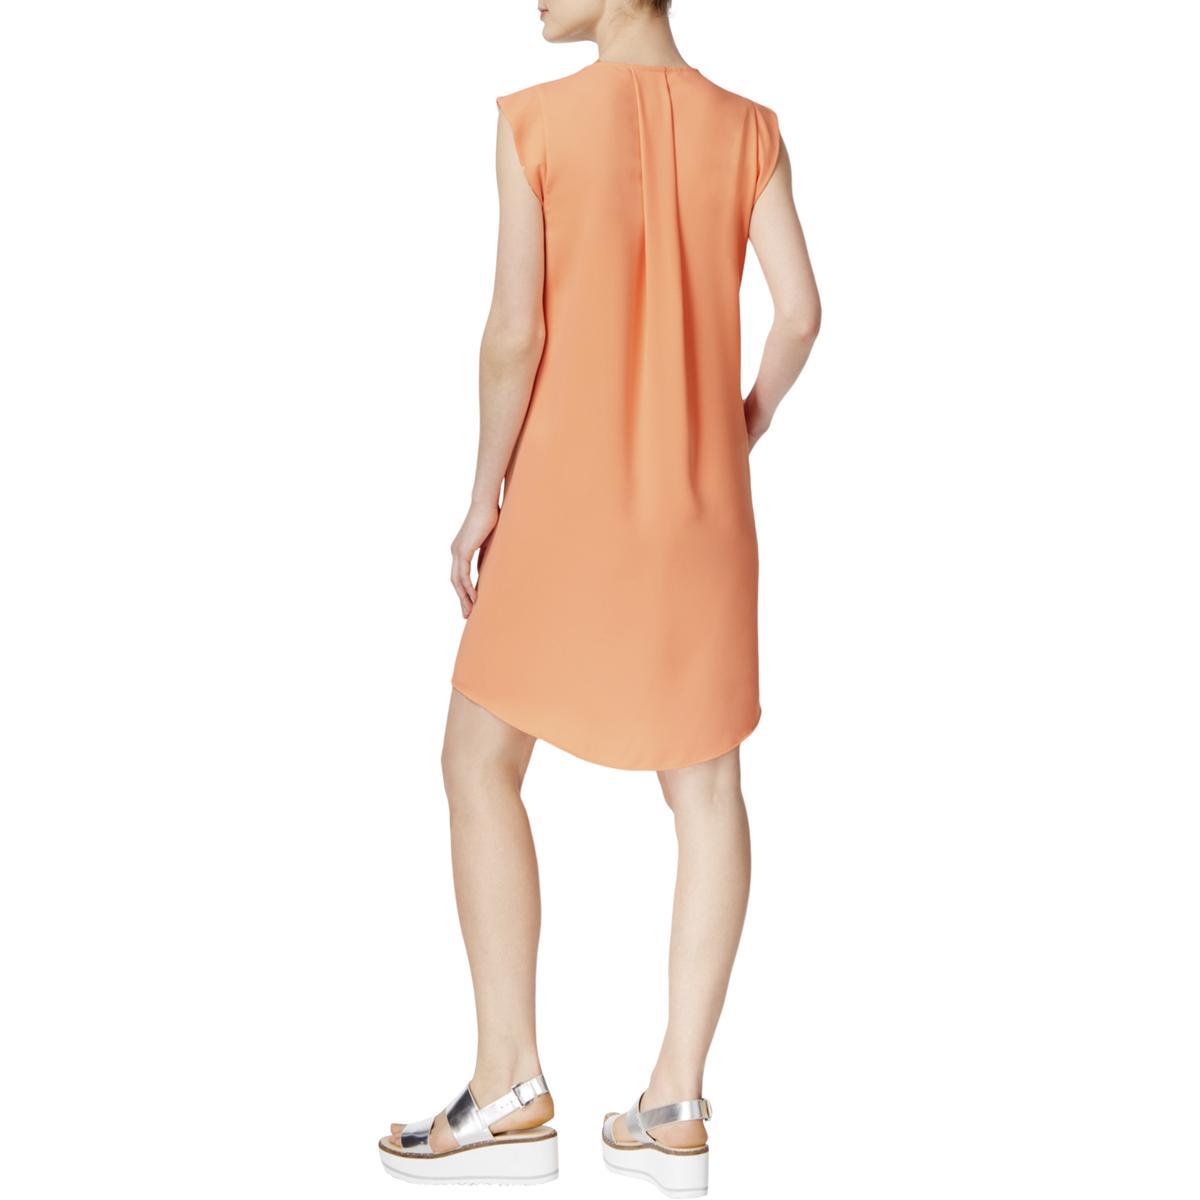 On The Road Womens Orange Chambray Sleeveless Casual Tank Dress XS BHFO 9538